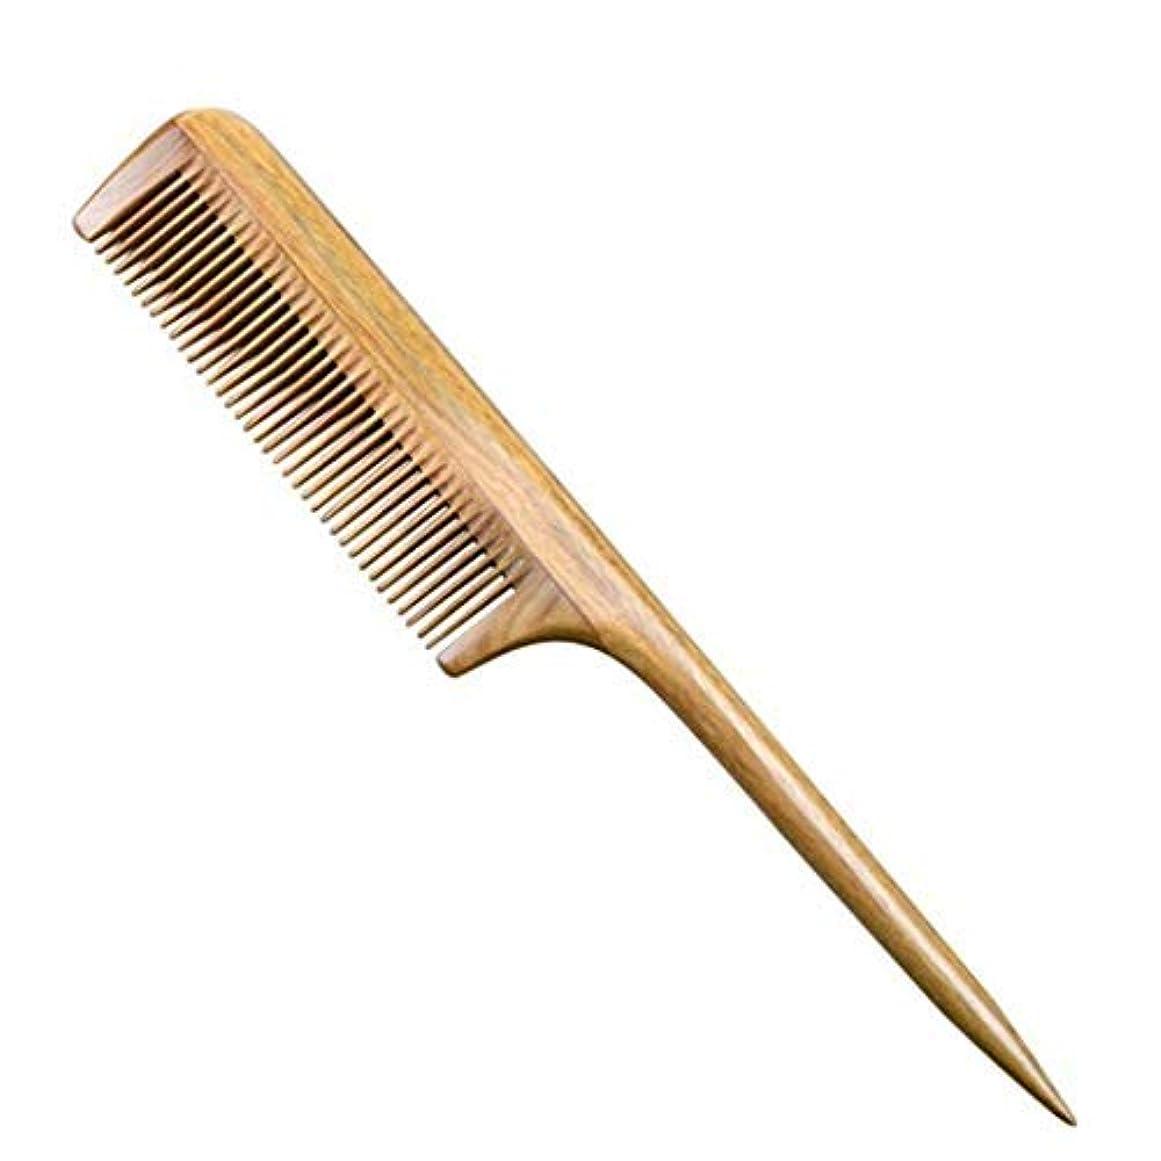 尽きるバックワーカーRat Tail Hair Comb - Fine Tooth Natural Green Sandalwood Combs with Teasing Tail Handle - No Static Wooden Comb...